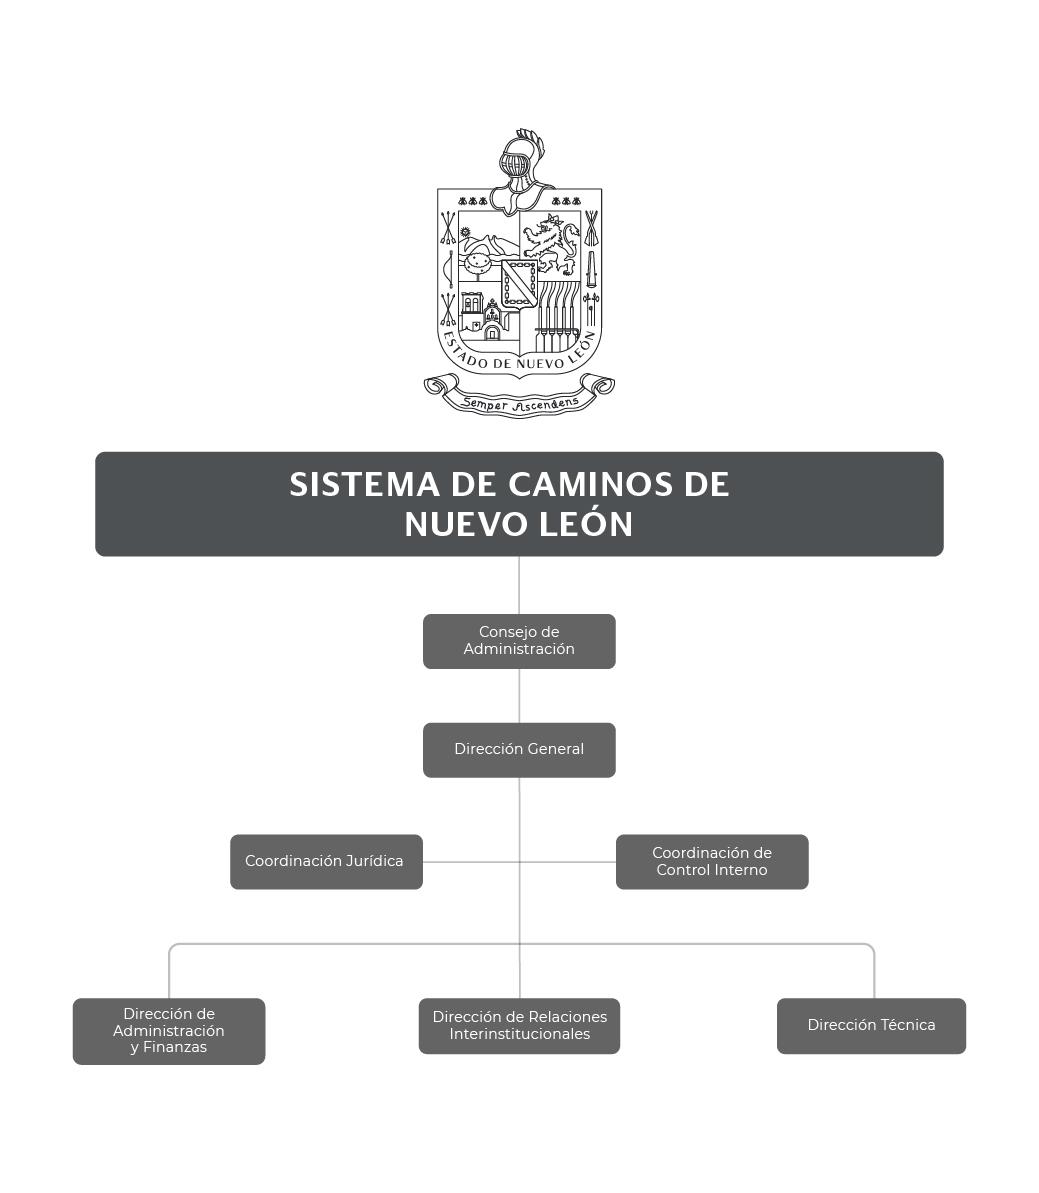 Organigrama de Sistema de Caminos de Nuevo León